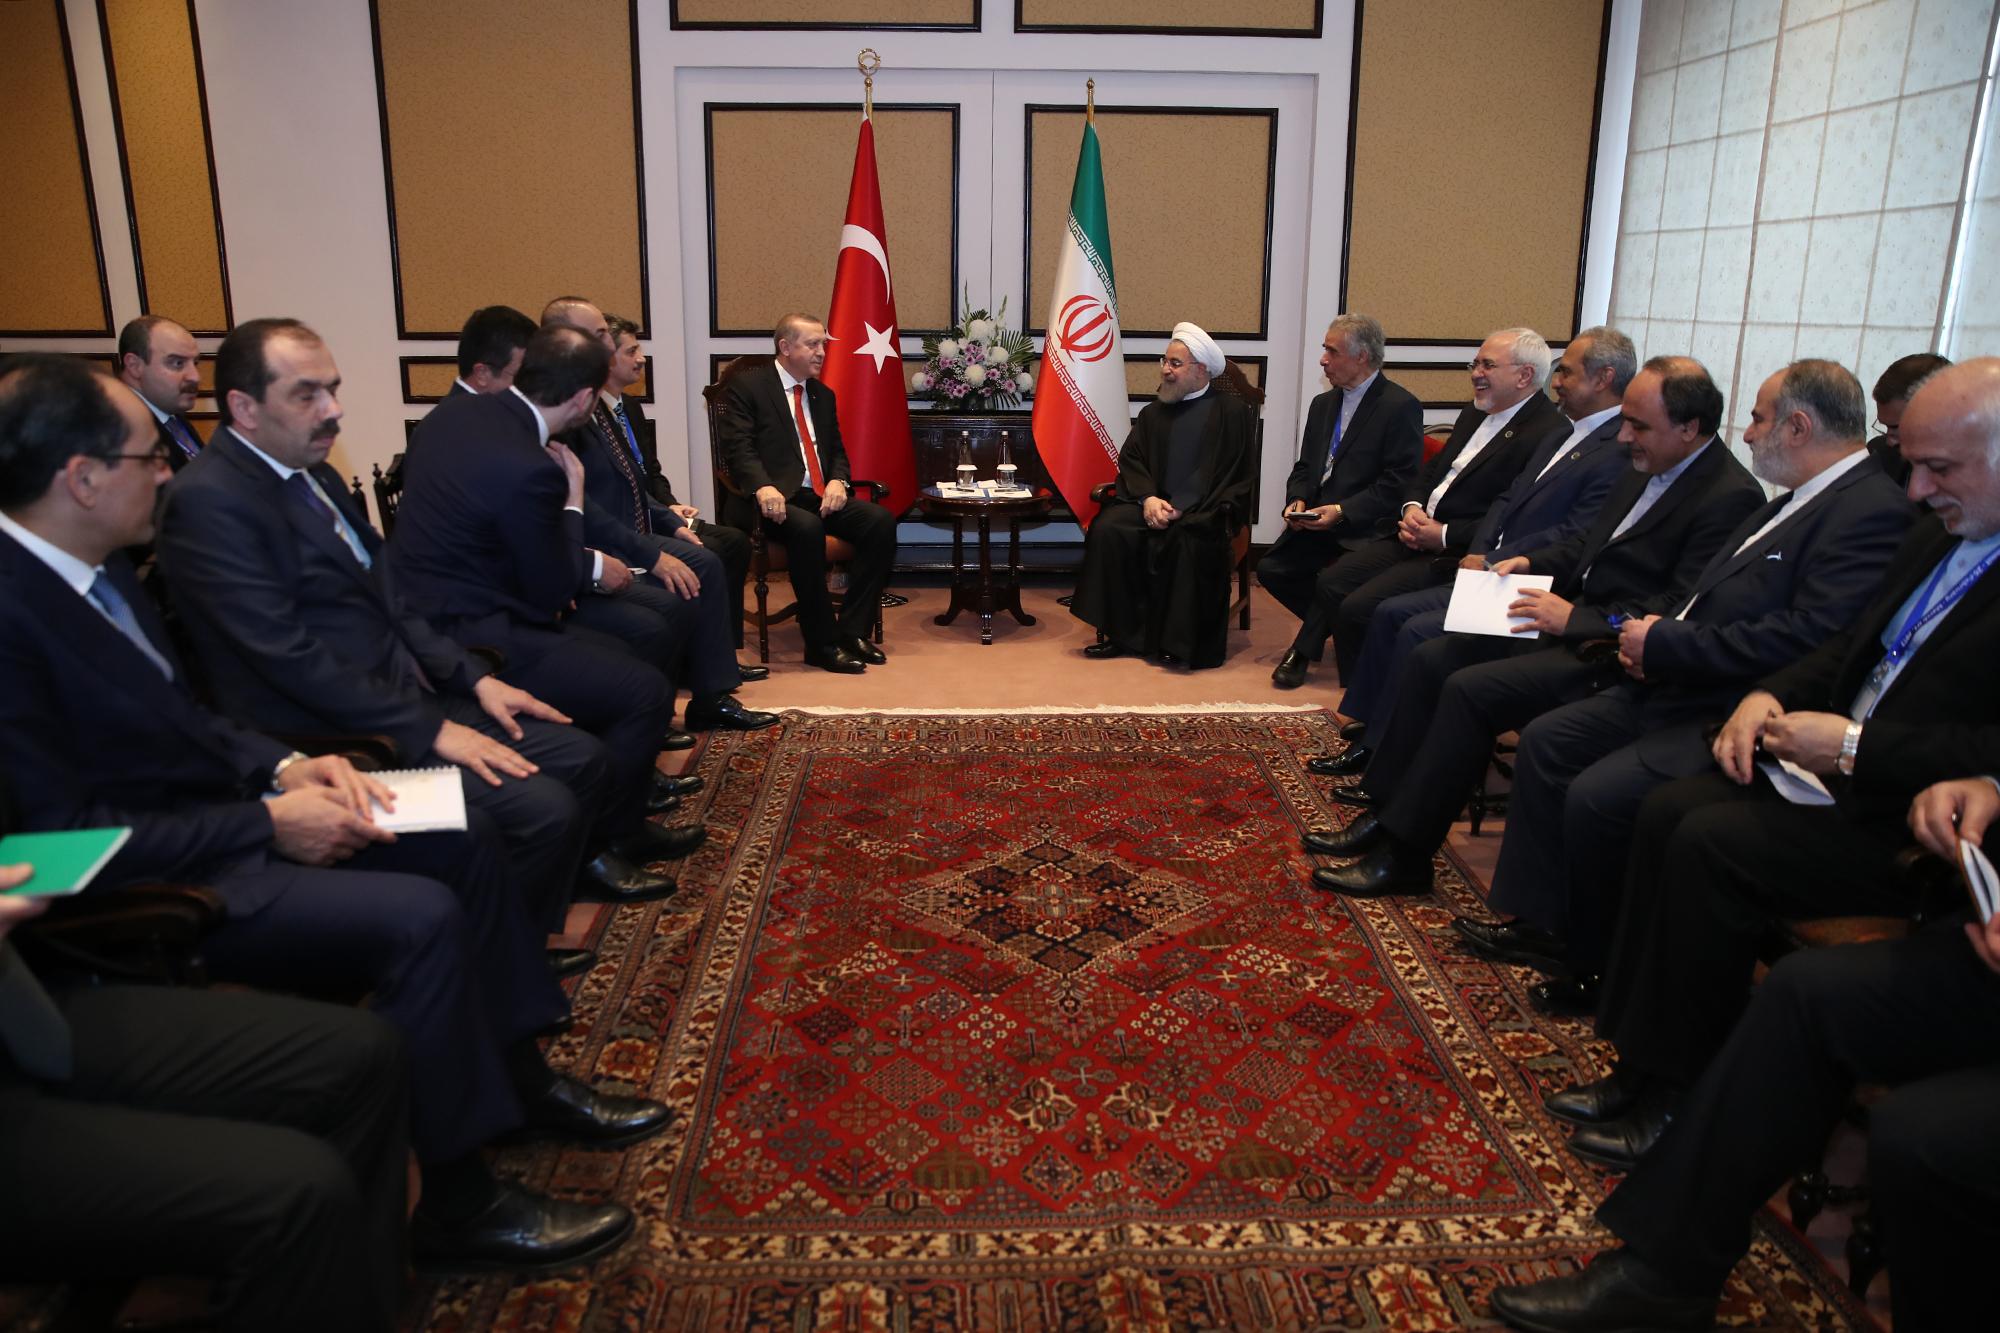 : توسعه روابط تهران - آنکارا به نفع ثبات منطقه است/ اردوغان: برای تحقق روابط اقتصادی 30 میلیارد دلاری با ایران مصمم هستیم